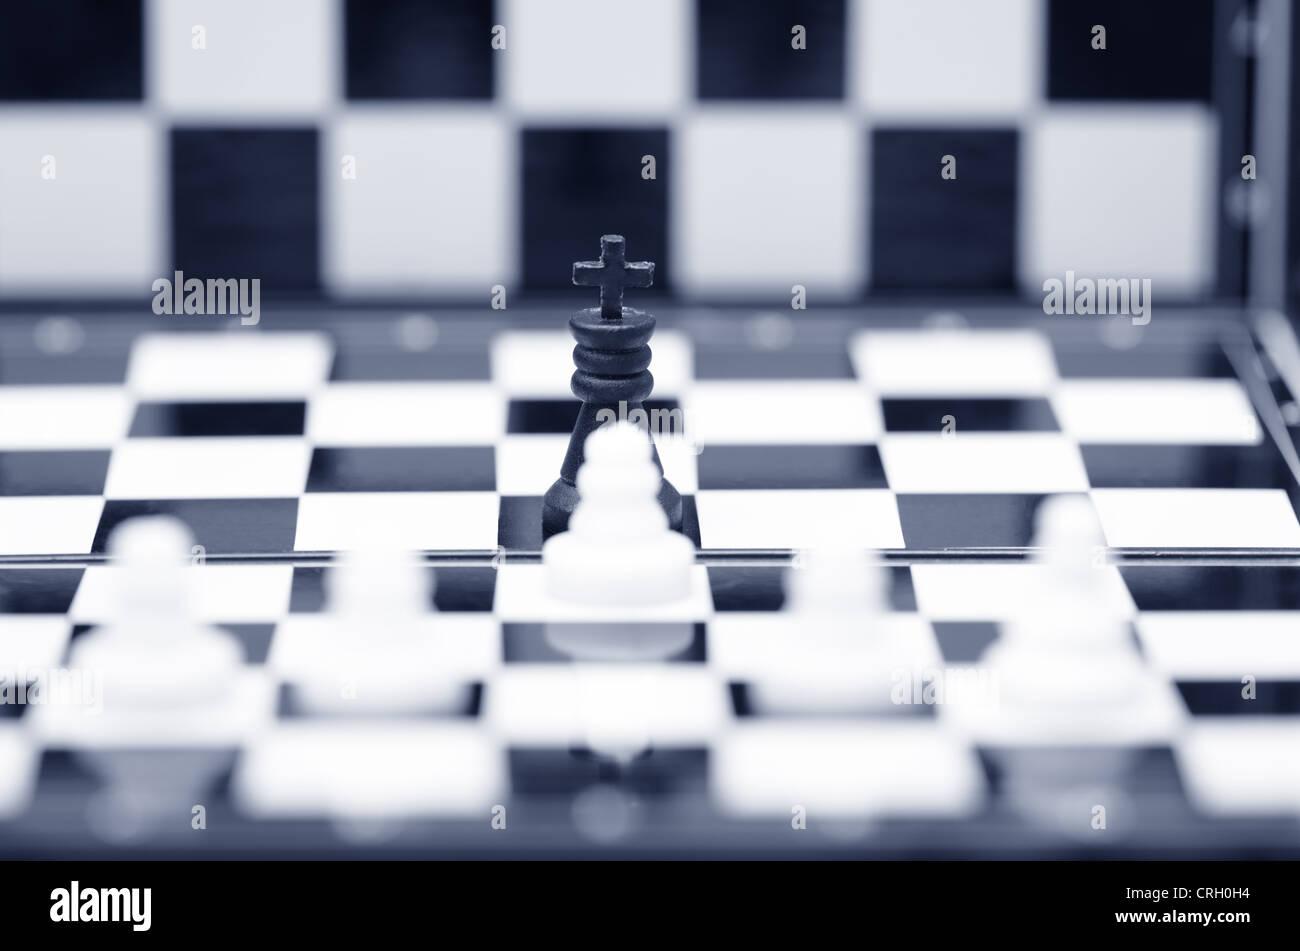 Close-up foto di scacchi su una scacchiera Immagini Stock